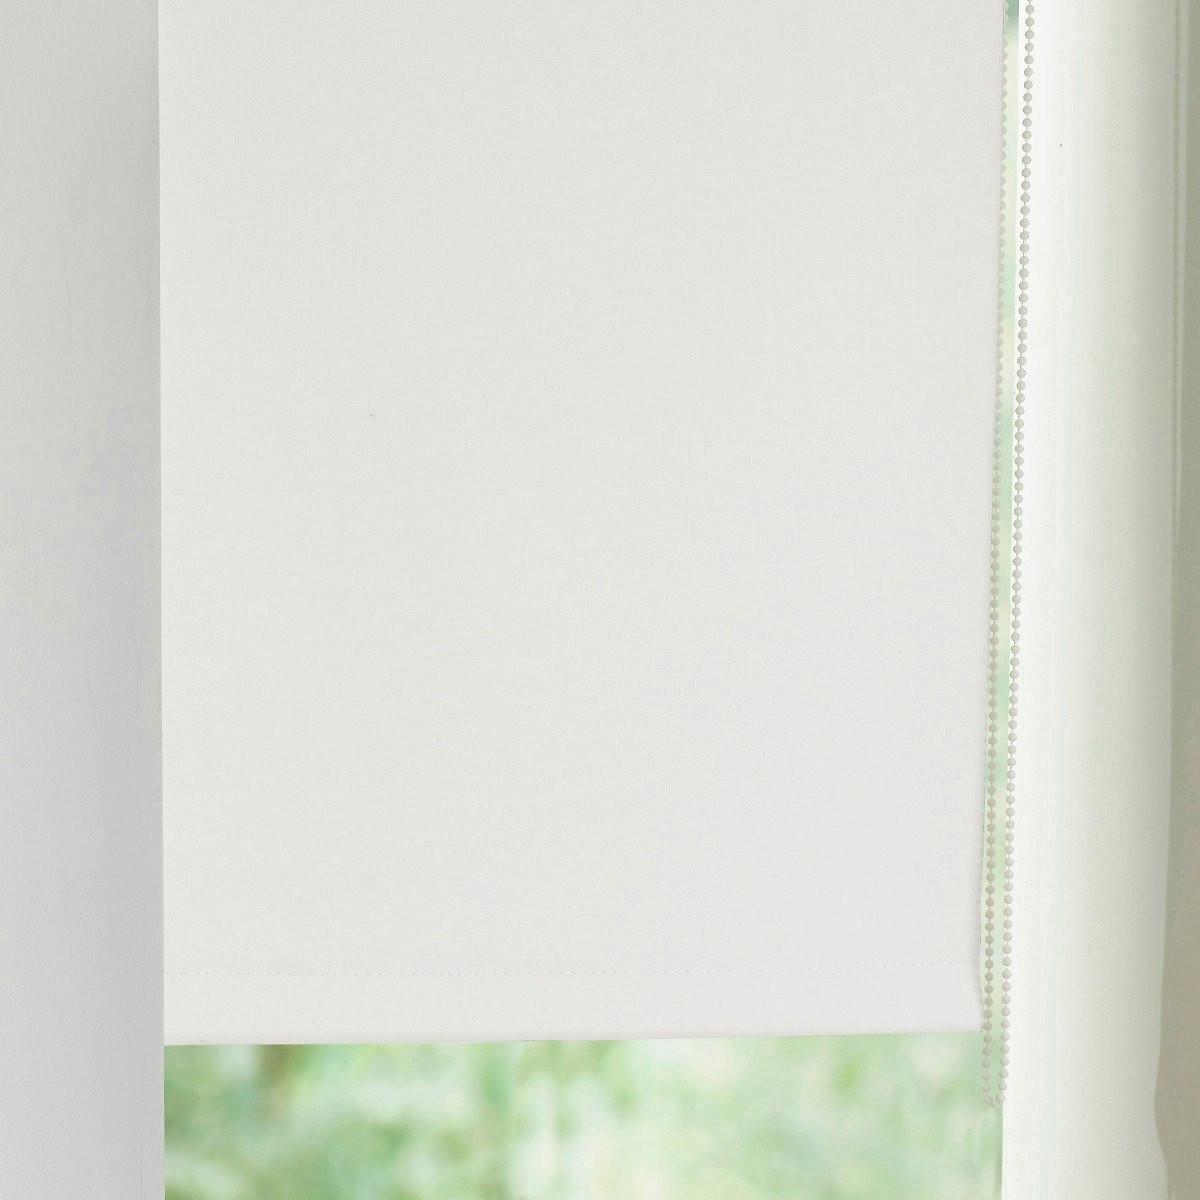 Штора LaRedoute Затемняющая узкая Scenario 170 x 37 см белый штора laredoute затемняющая с люверсами 100 хлопок scenario 220 x 135 см розовый